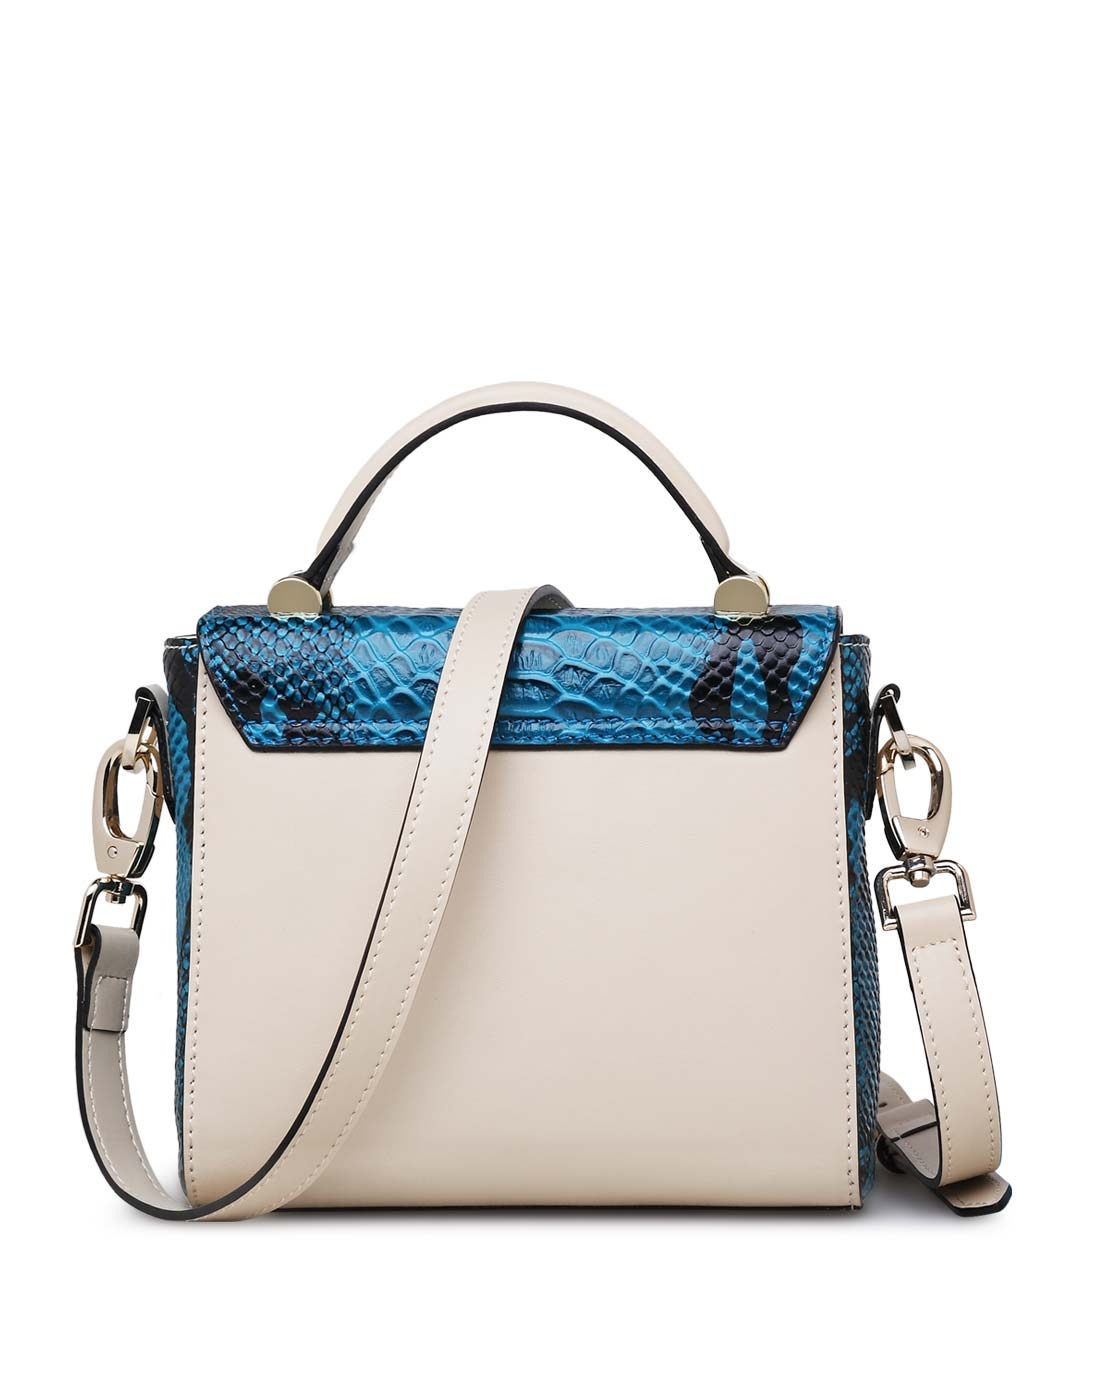 女款米白色蛇纹欧美时尚手提包